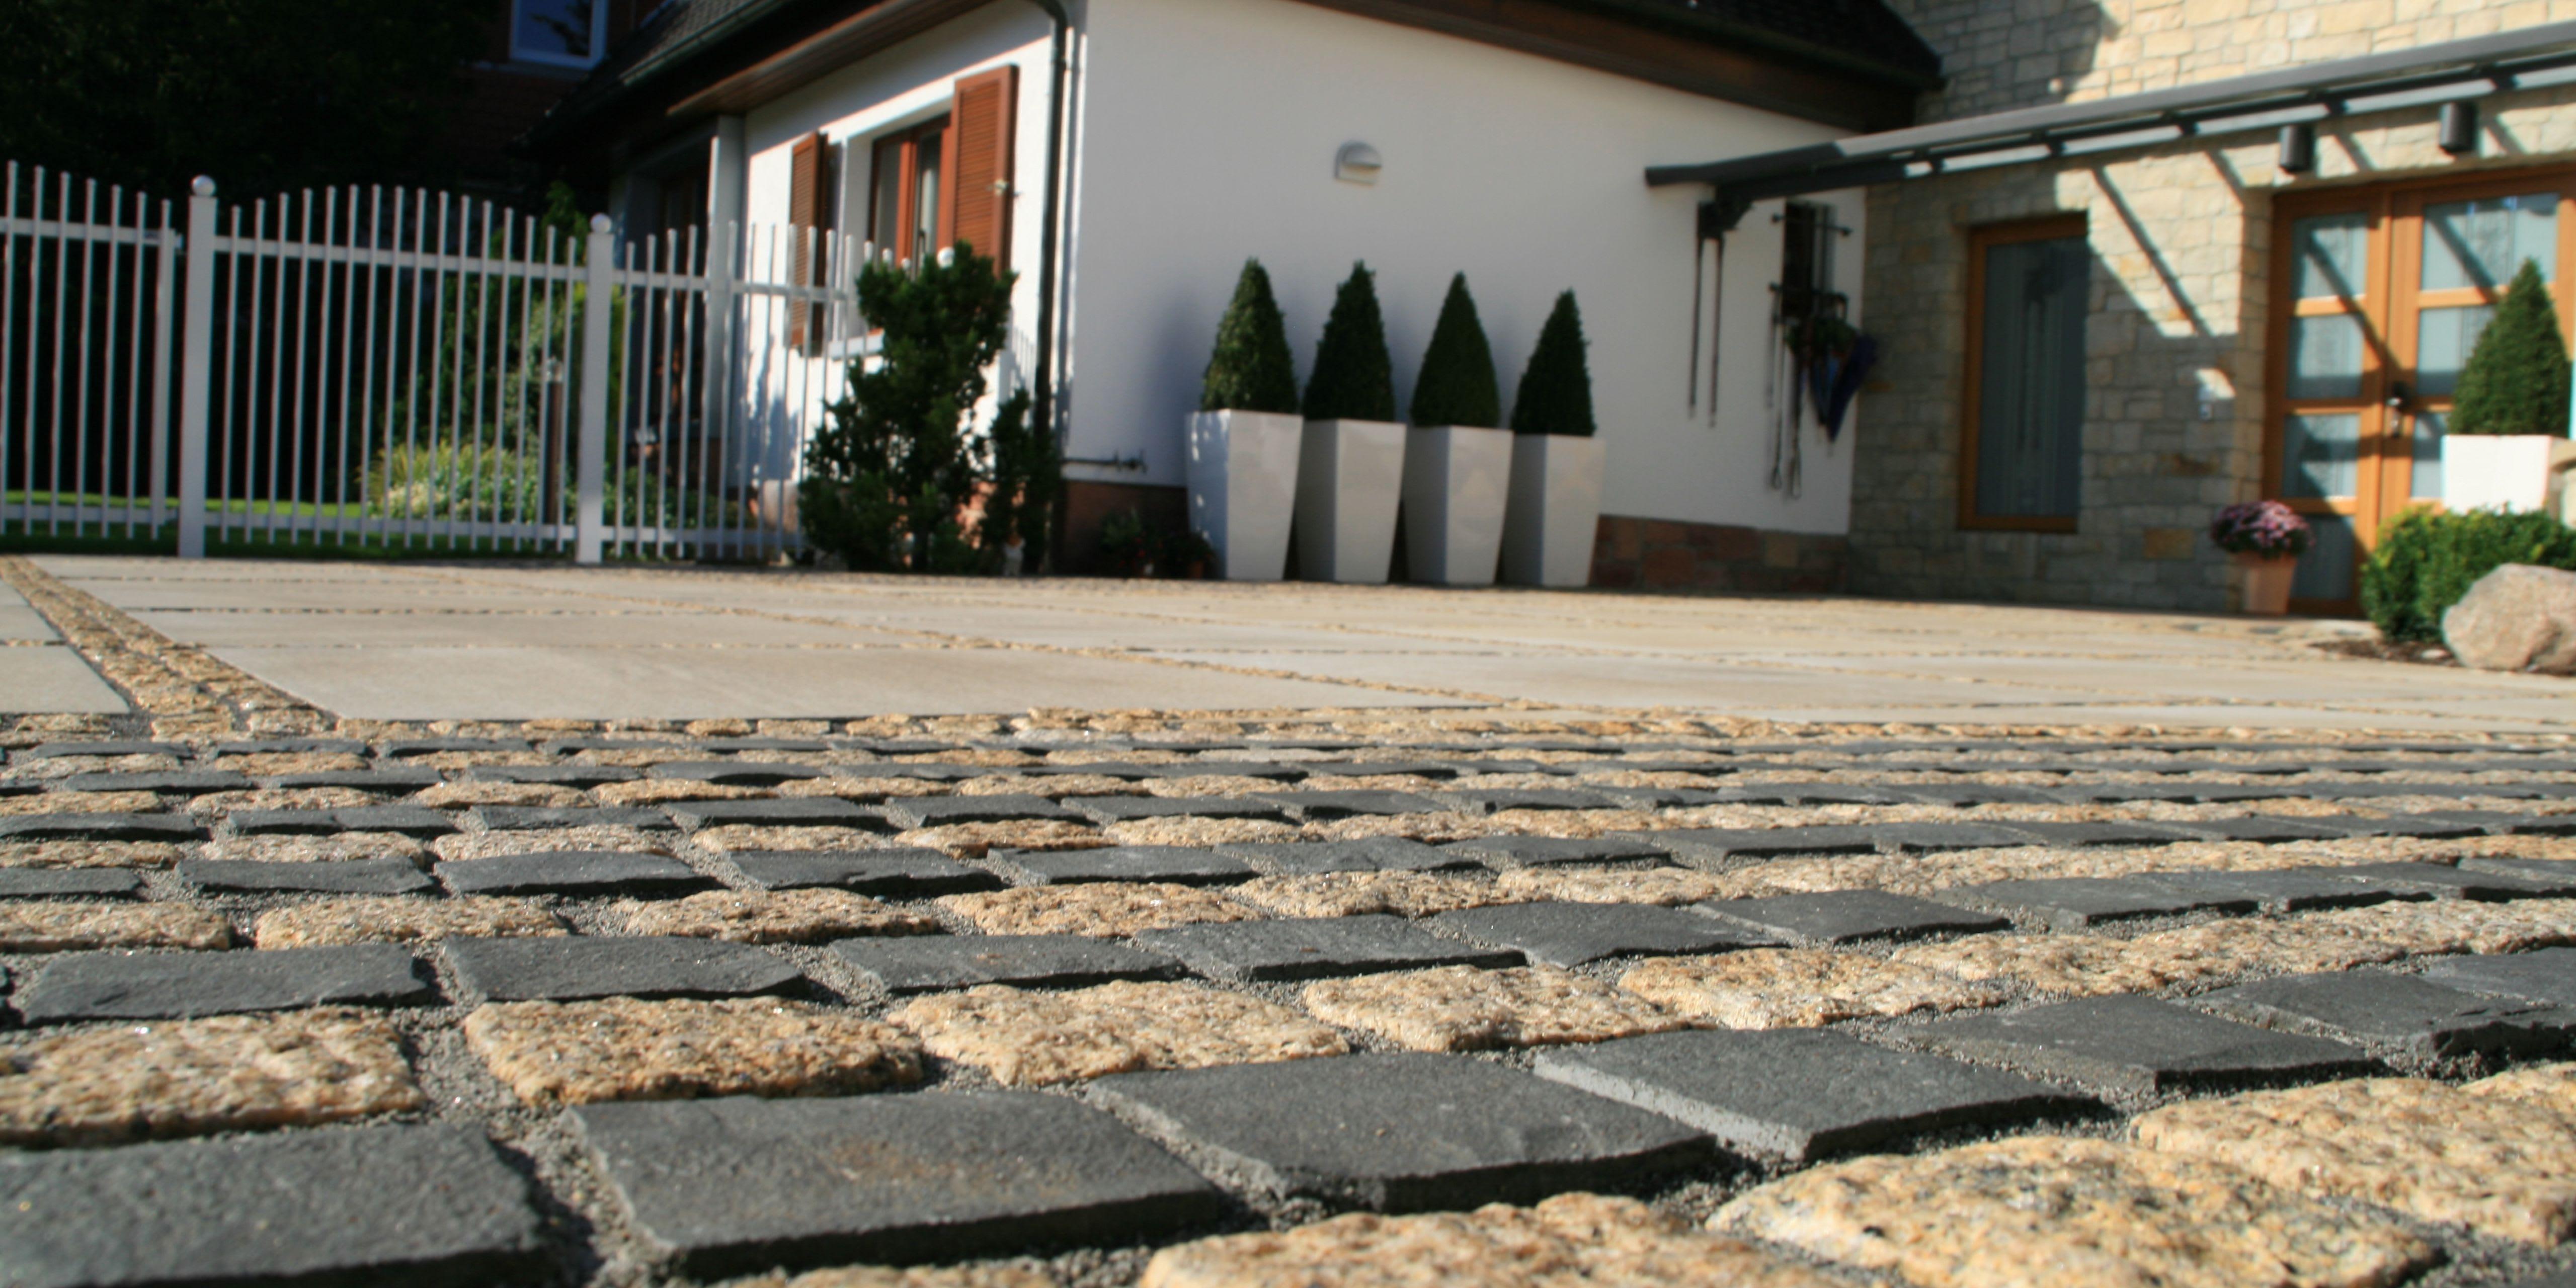 Naturstein Pflasterung Hauseinfahrt